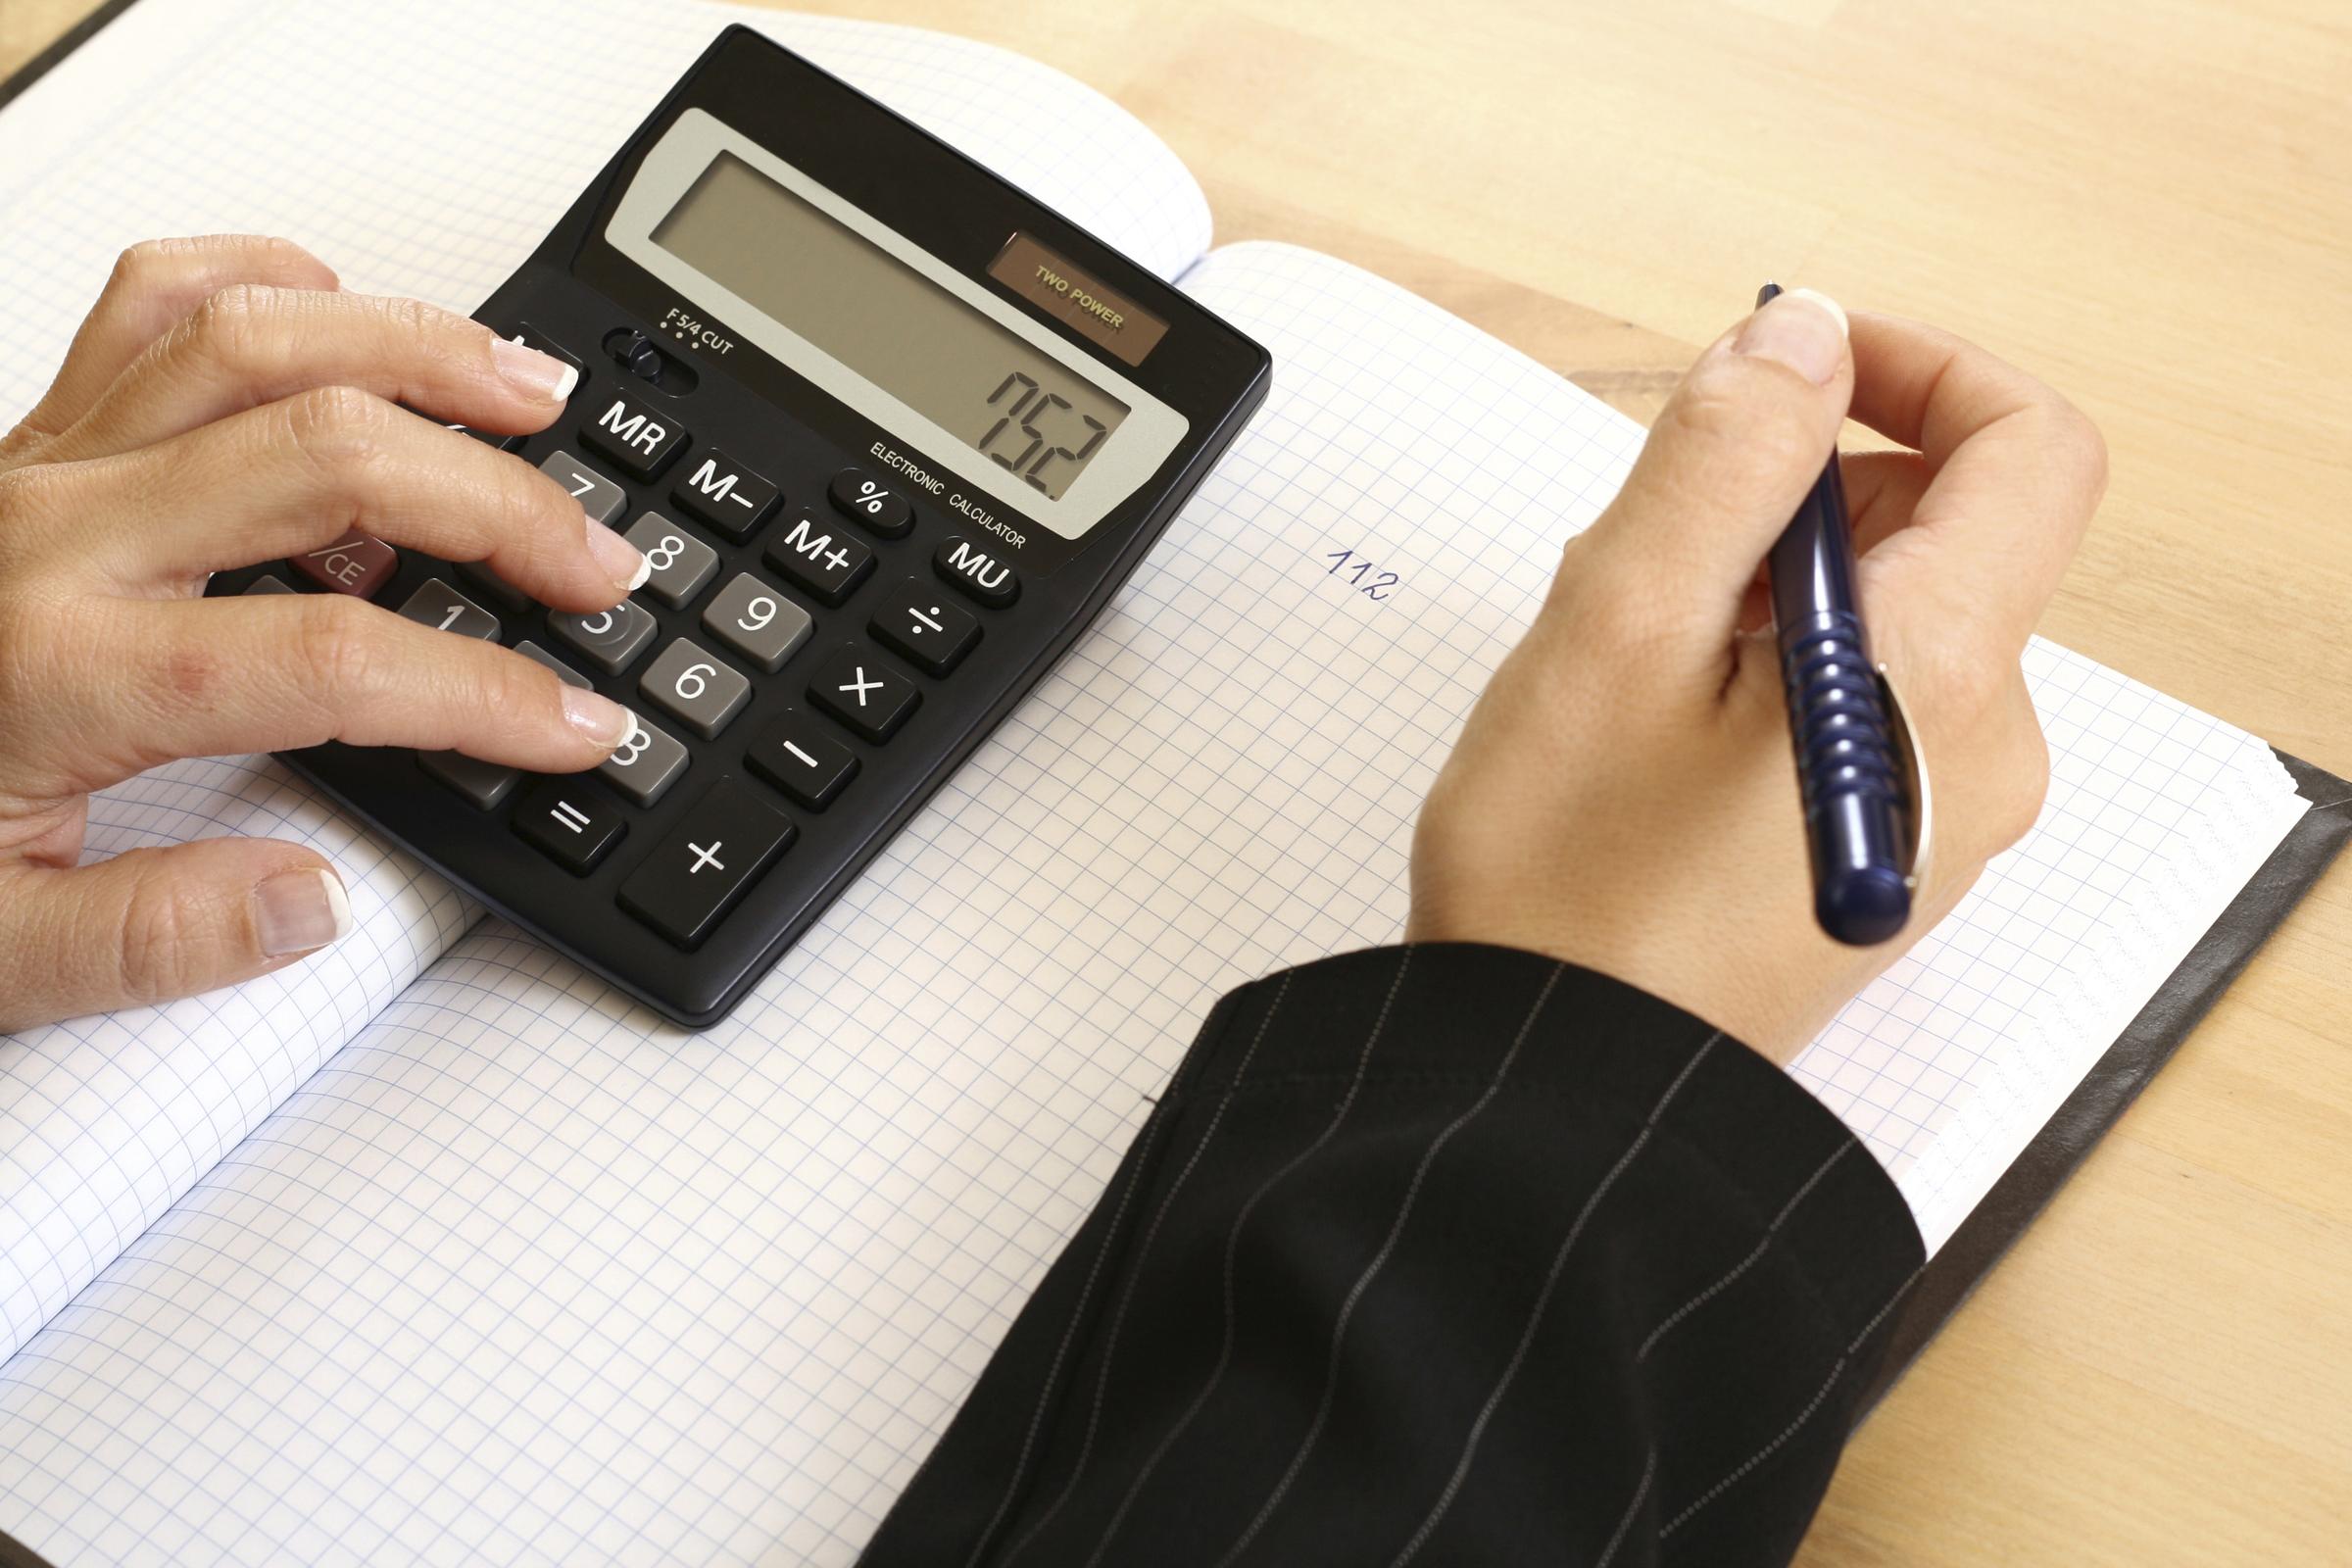 相続税額を把握し、納税資金確保を計画的に